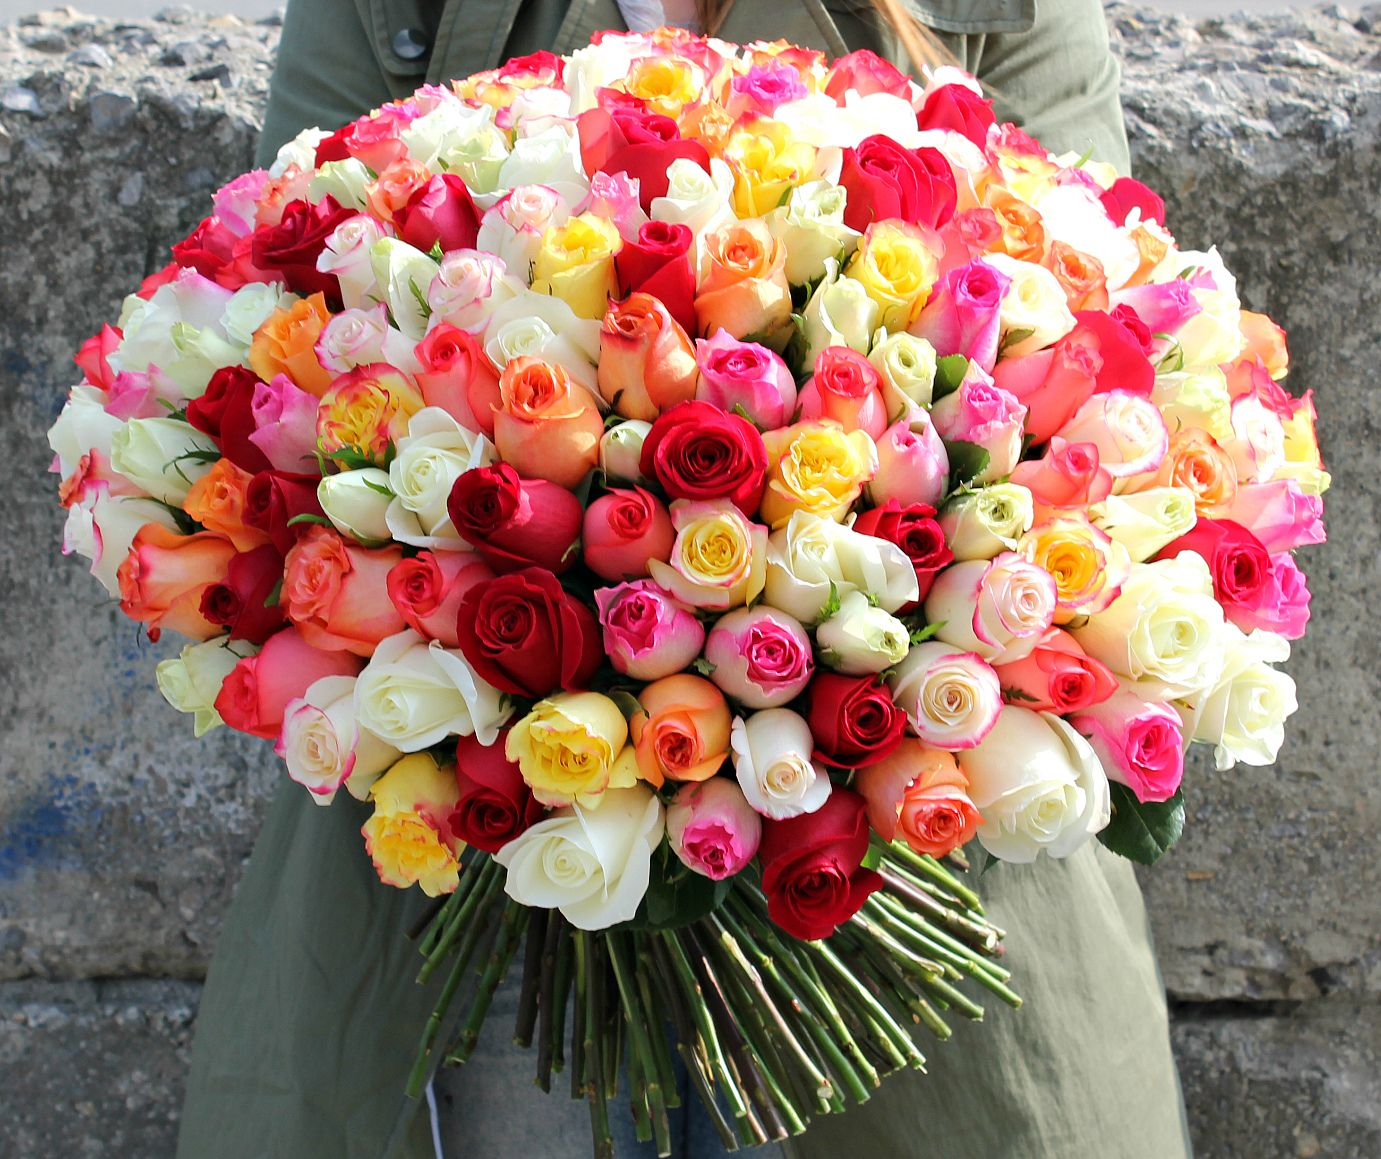 фото букета роз огромного